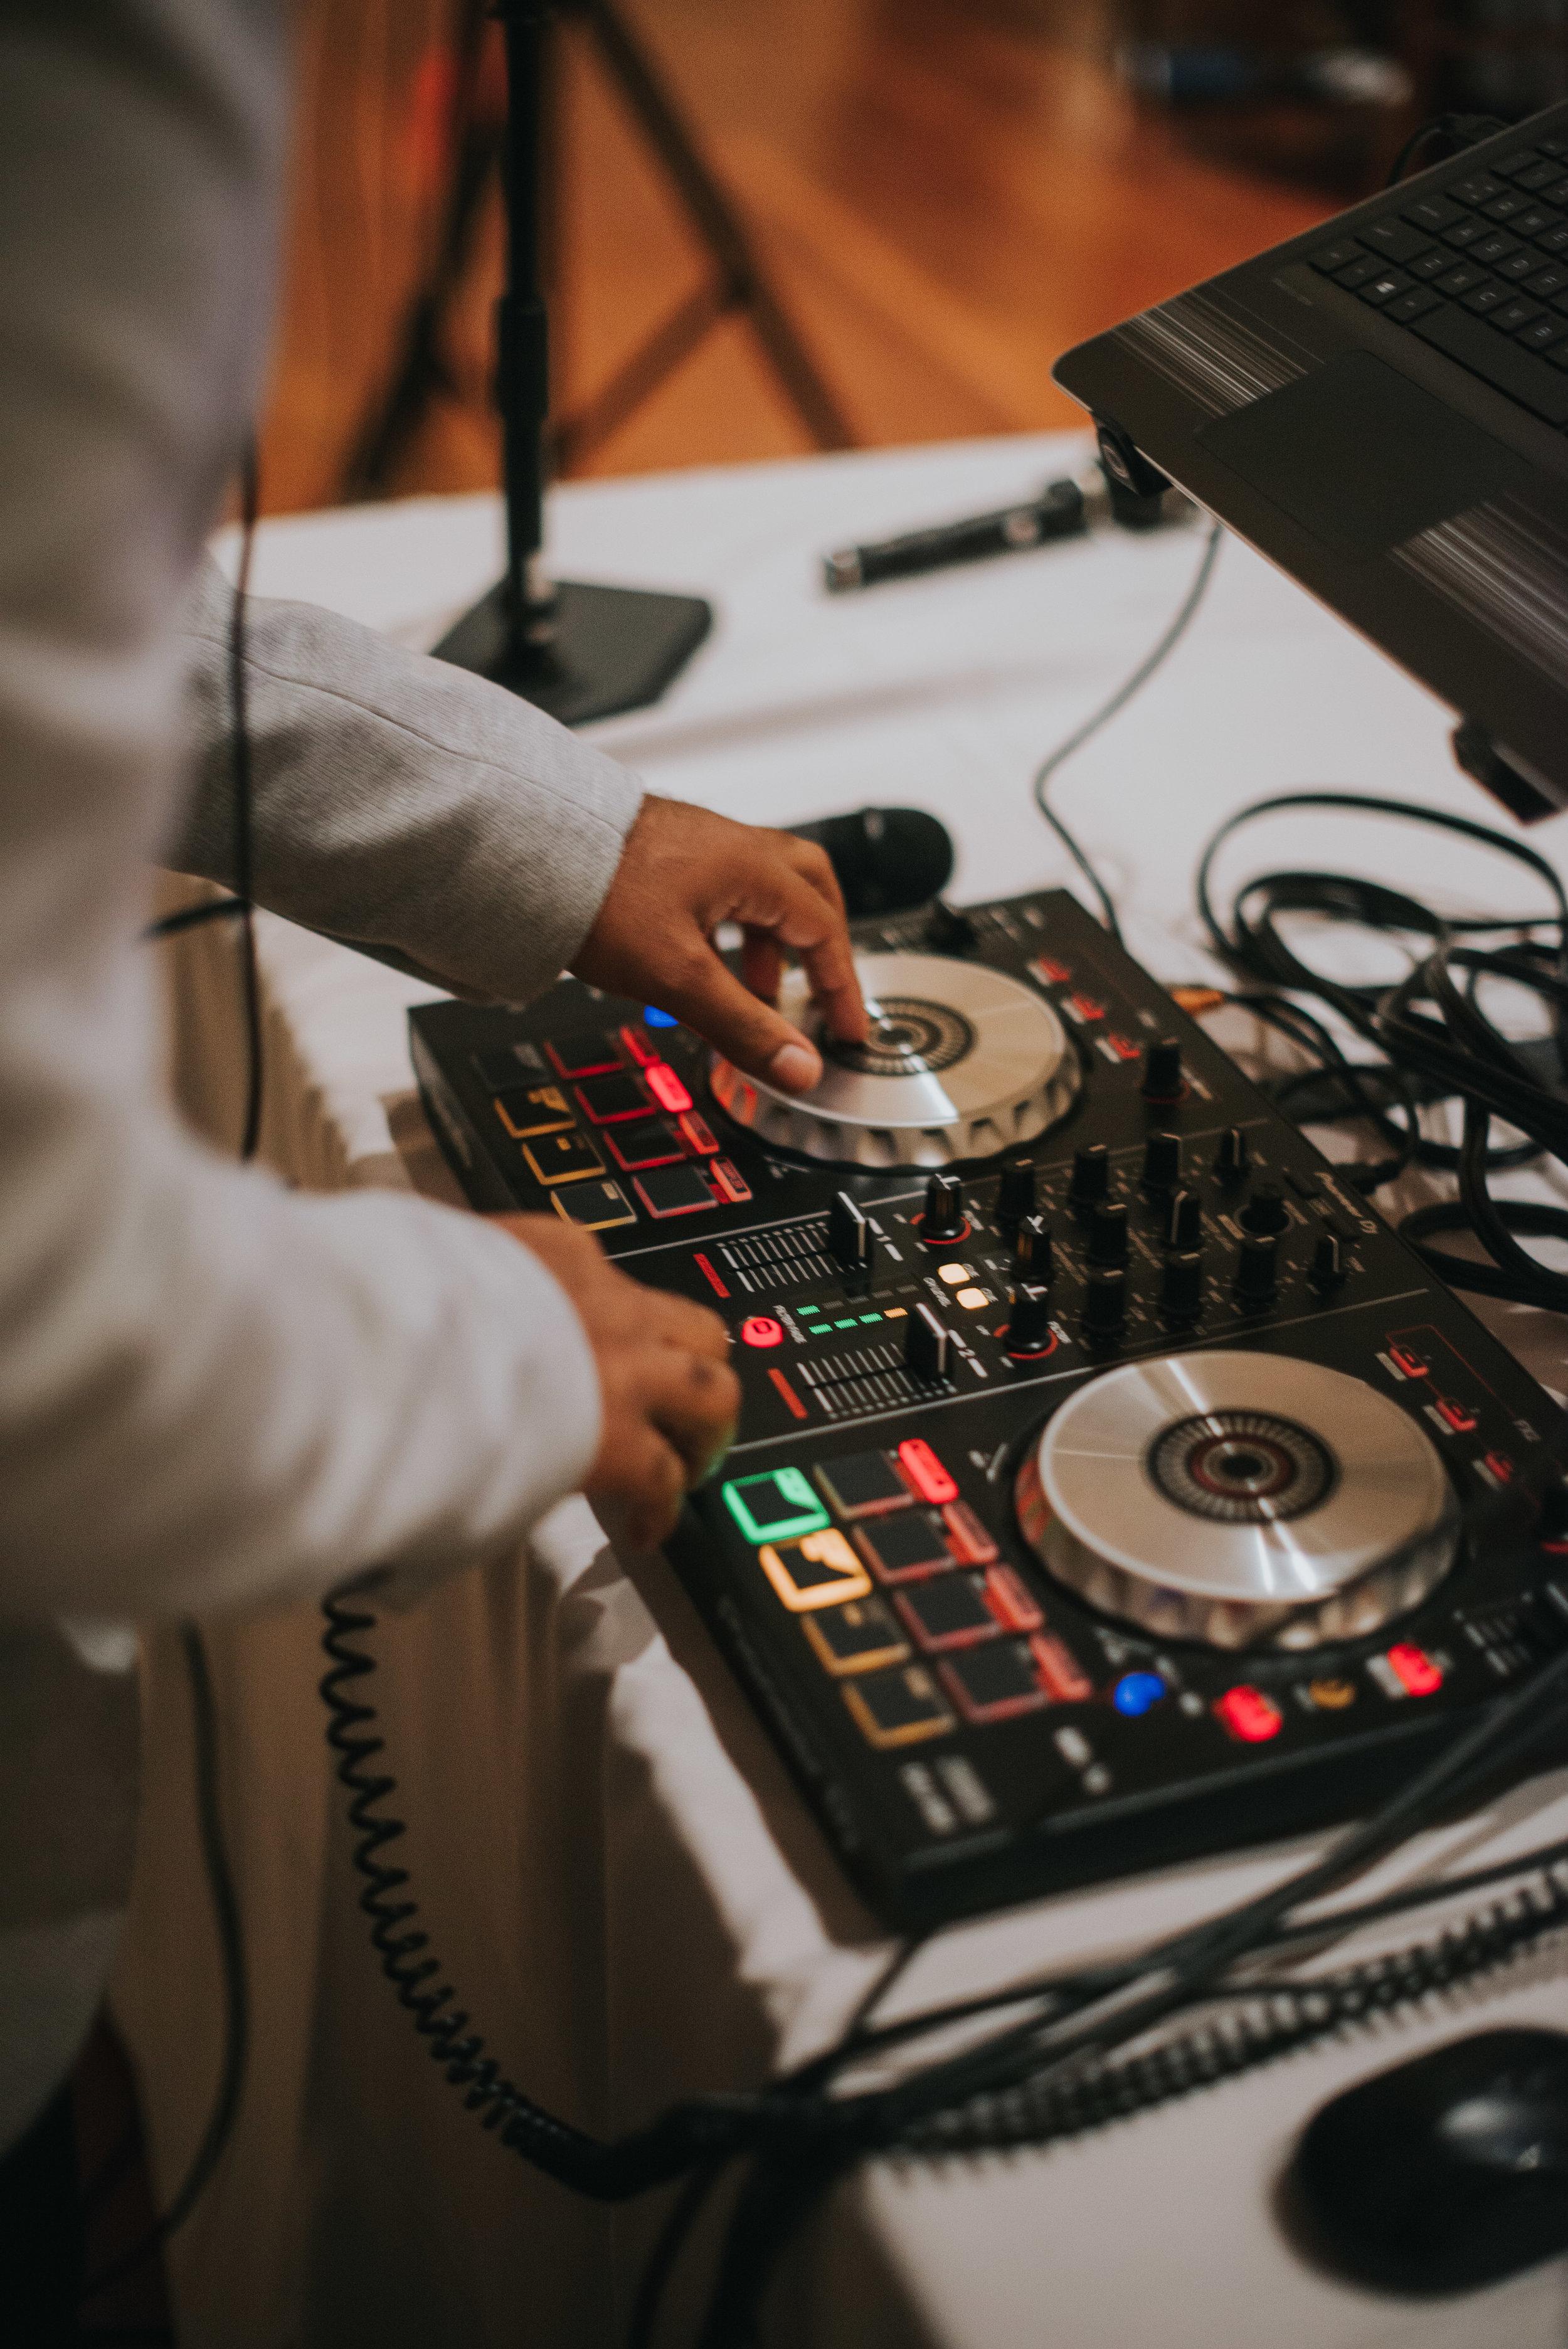 DJ adjusting soundboard